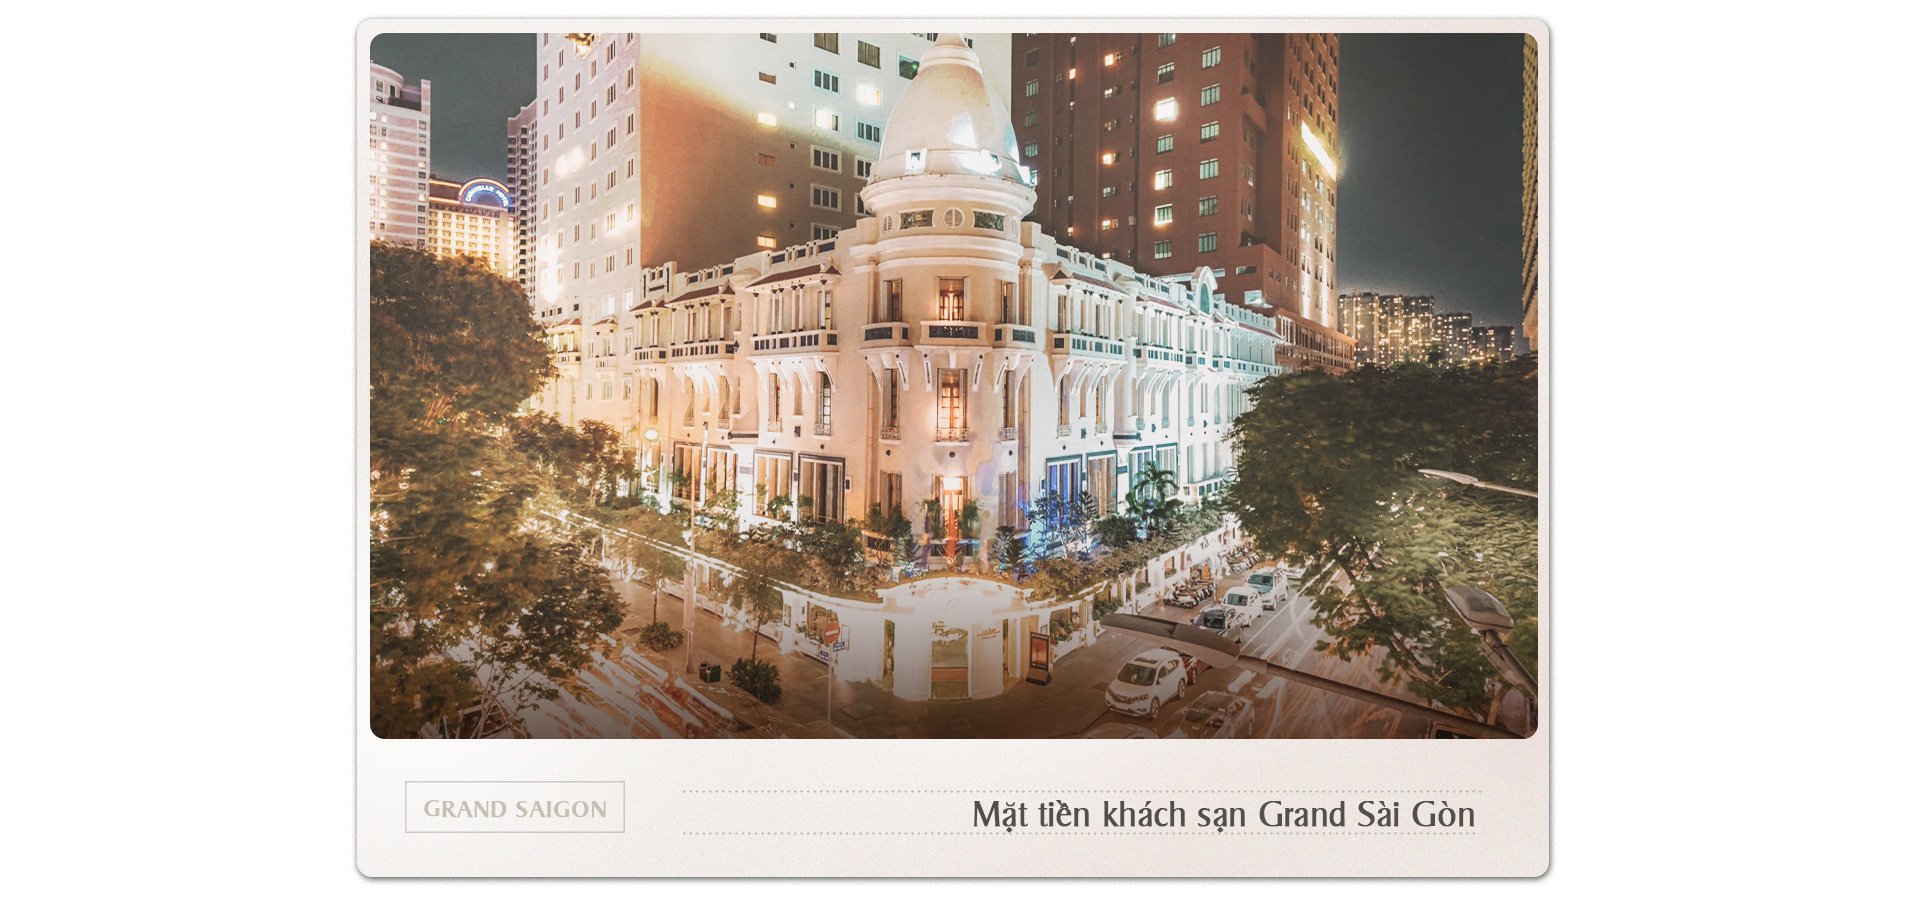 'Lựa chọn hạng nhất' mang tên Grand Sài Gòn - Ảnh 2.